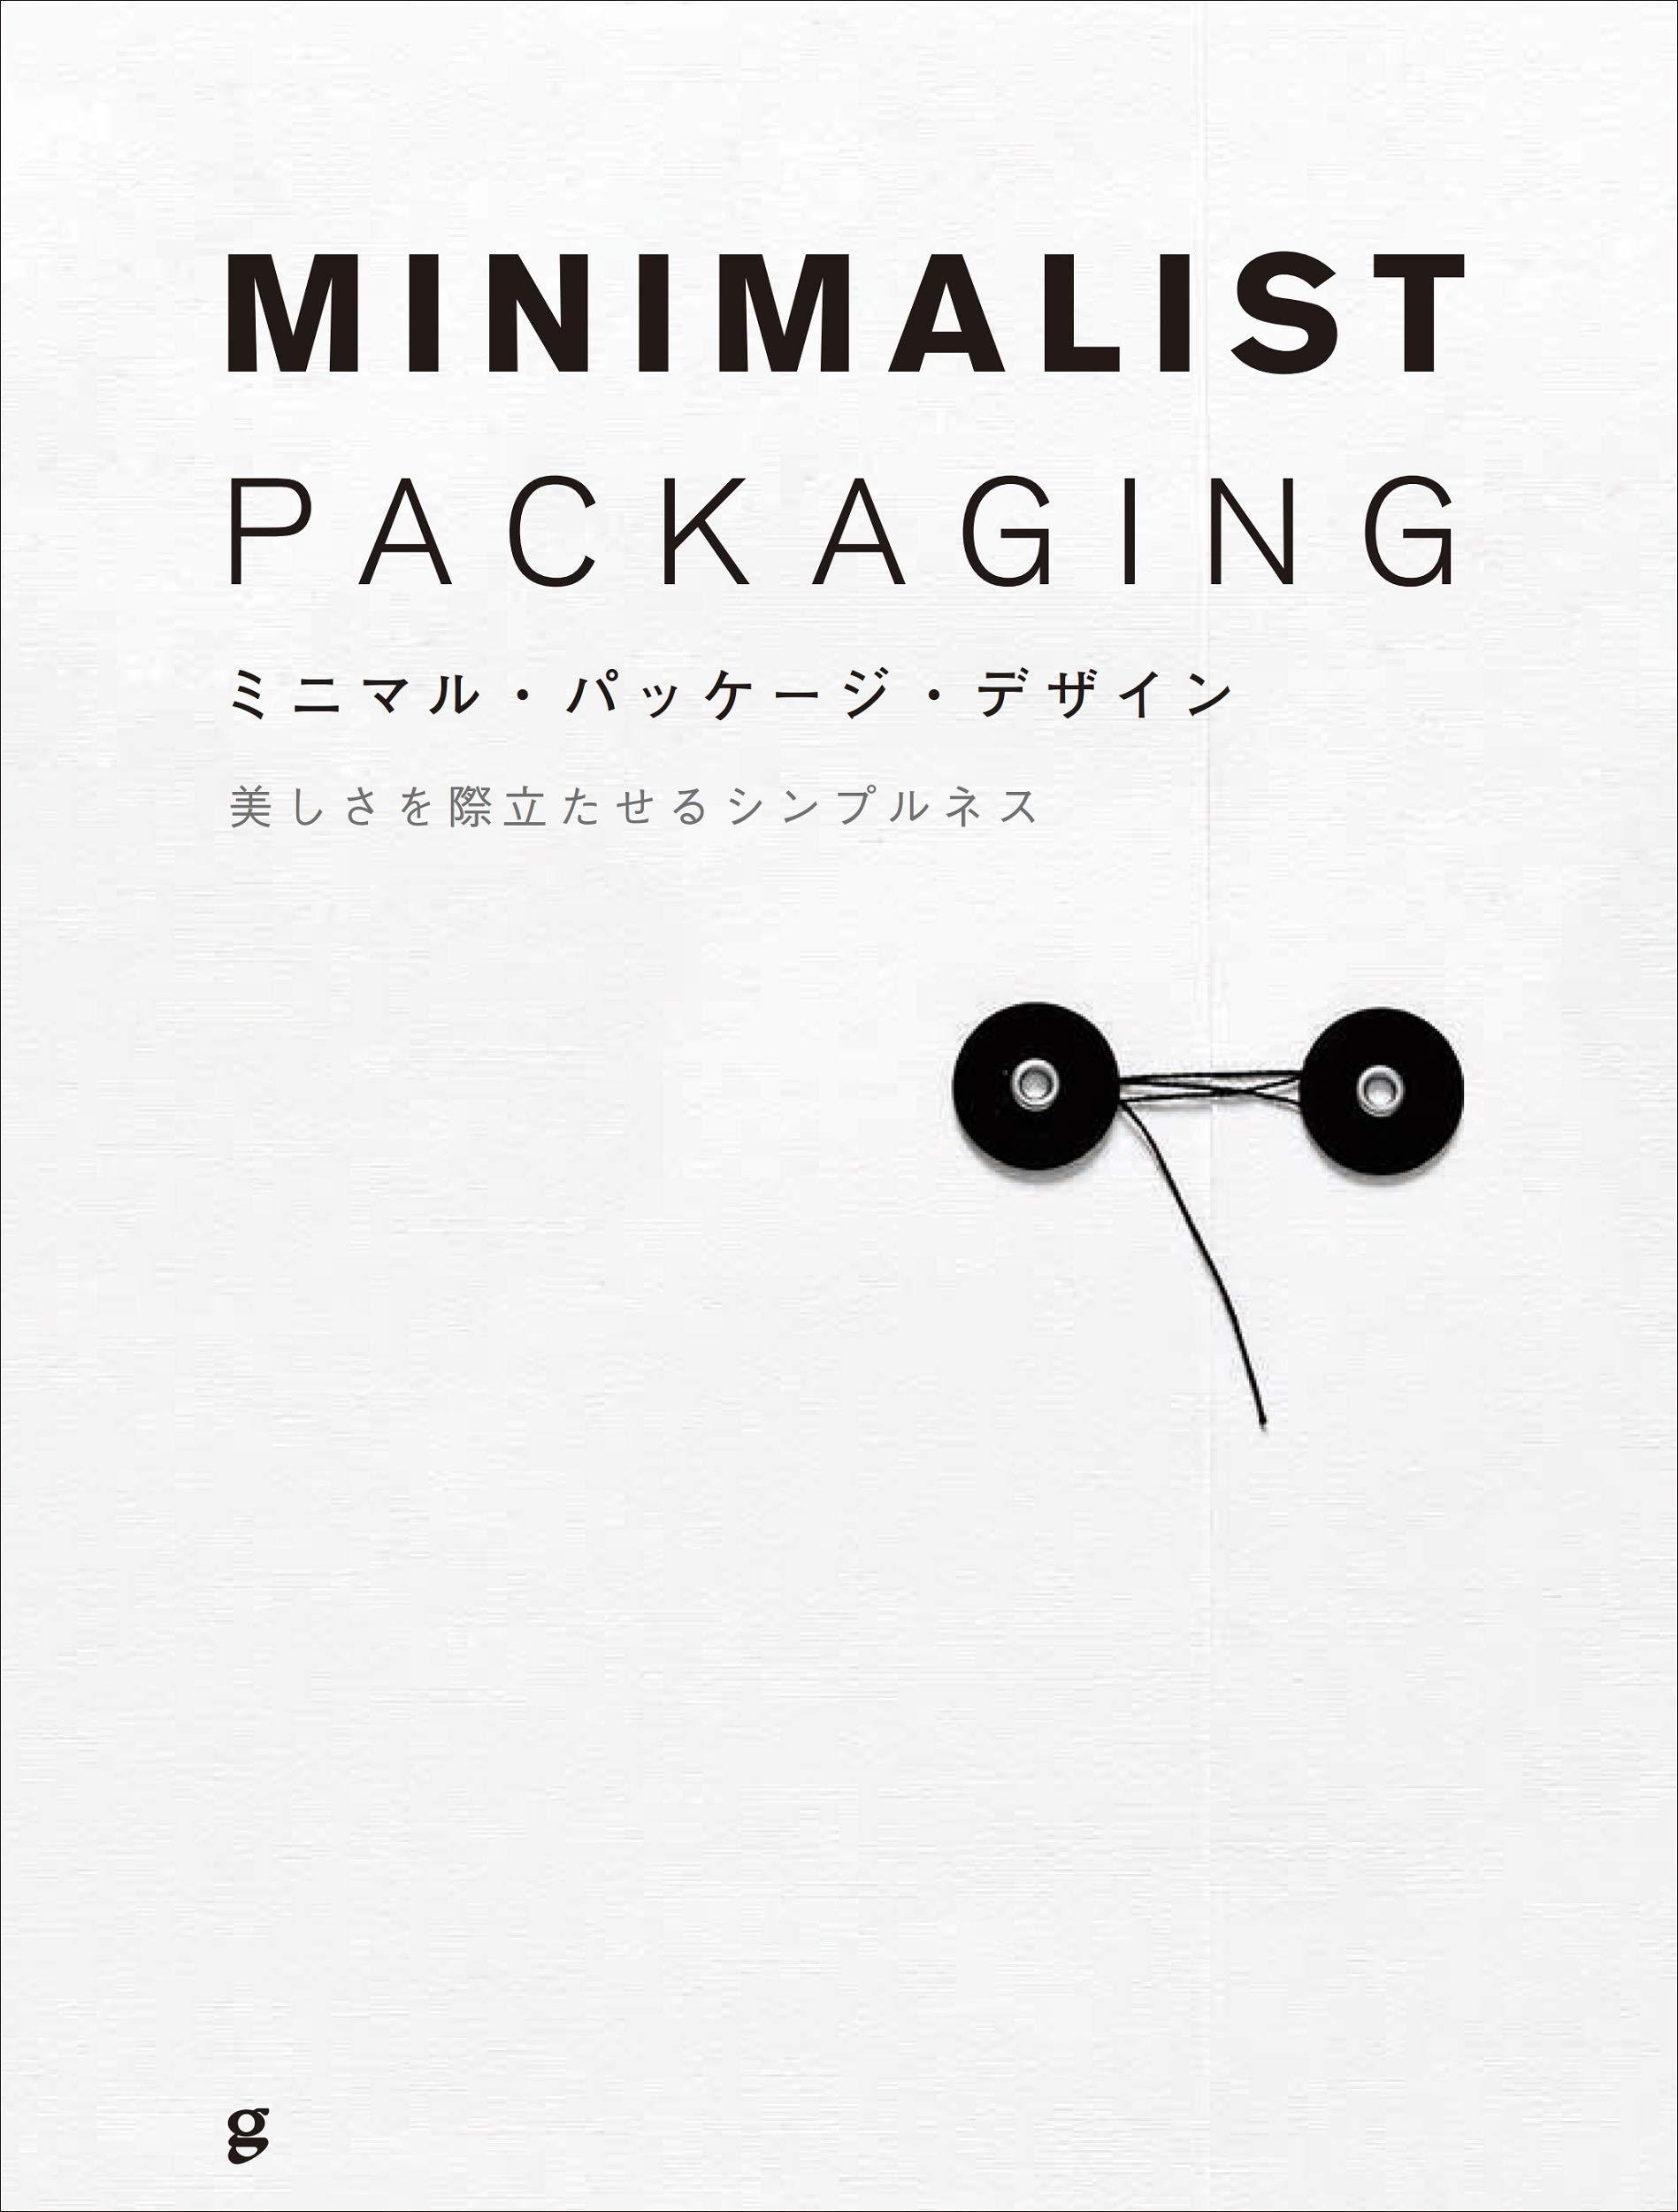 「ミニマル・パッケージ・デザイン 美しさを際立たせるシンプルネス」に掲載されました。